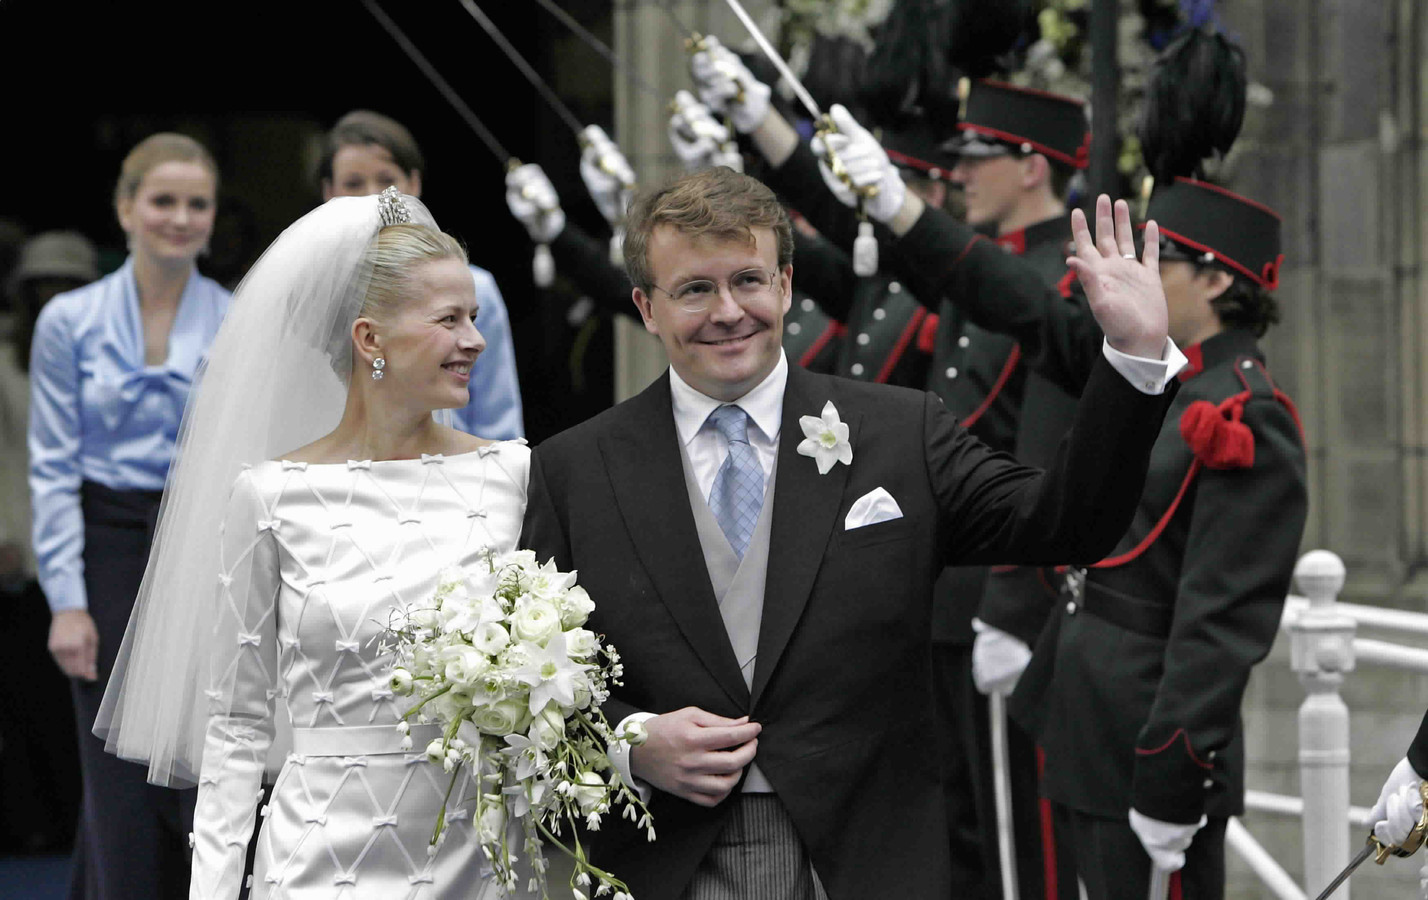 Huwelijk van prins Johan Friso en Mabel Wisse Smit op 24 april op 2004.